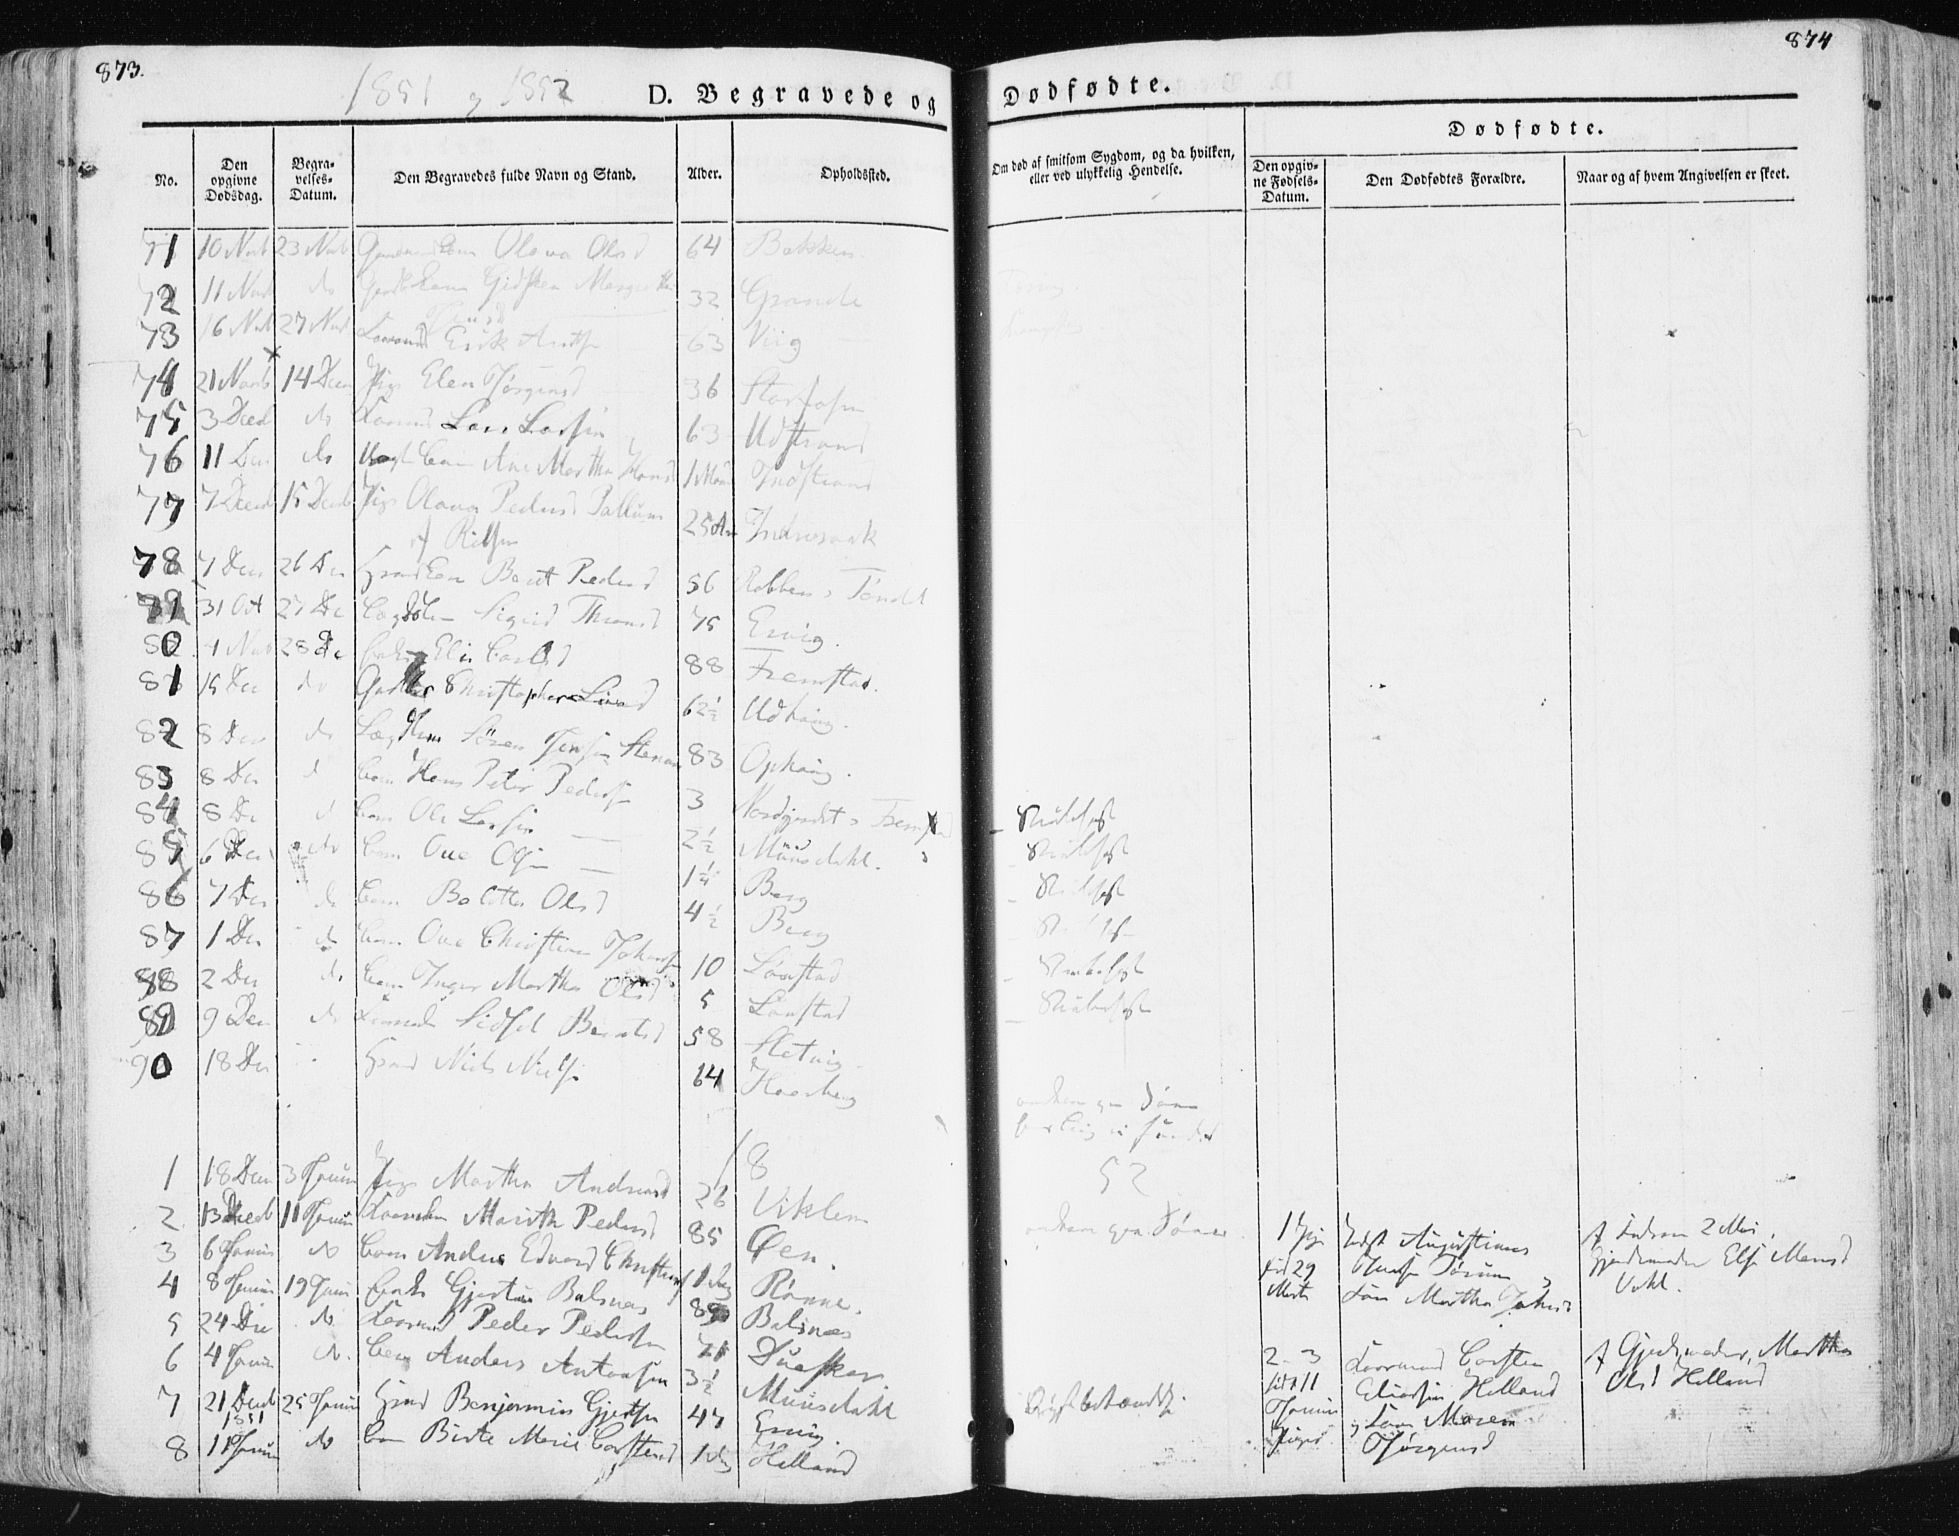 SAT, Ministerialprotokoller, klokkerbøker og fødselsregistre - Sør-Trøndelag, 659/L0736: Ministerialbok nr. 659A06, 1842-1856, s. 873-874